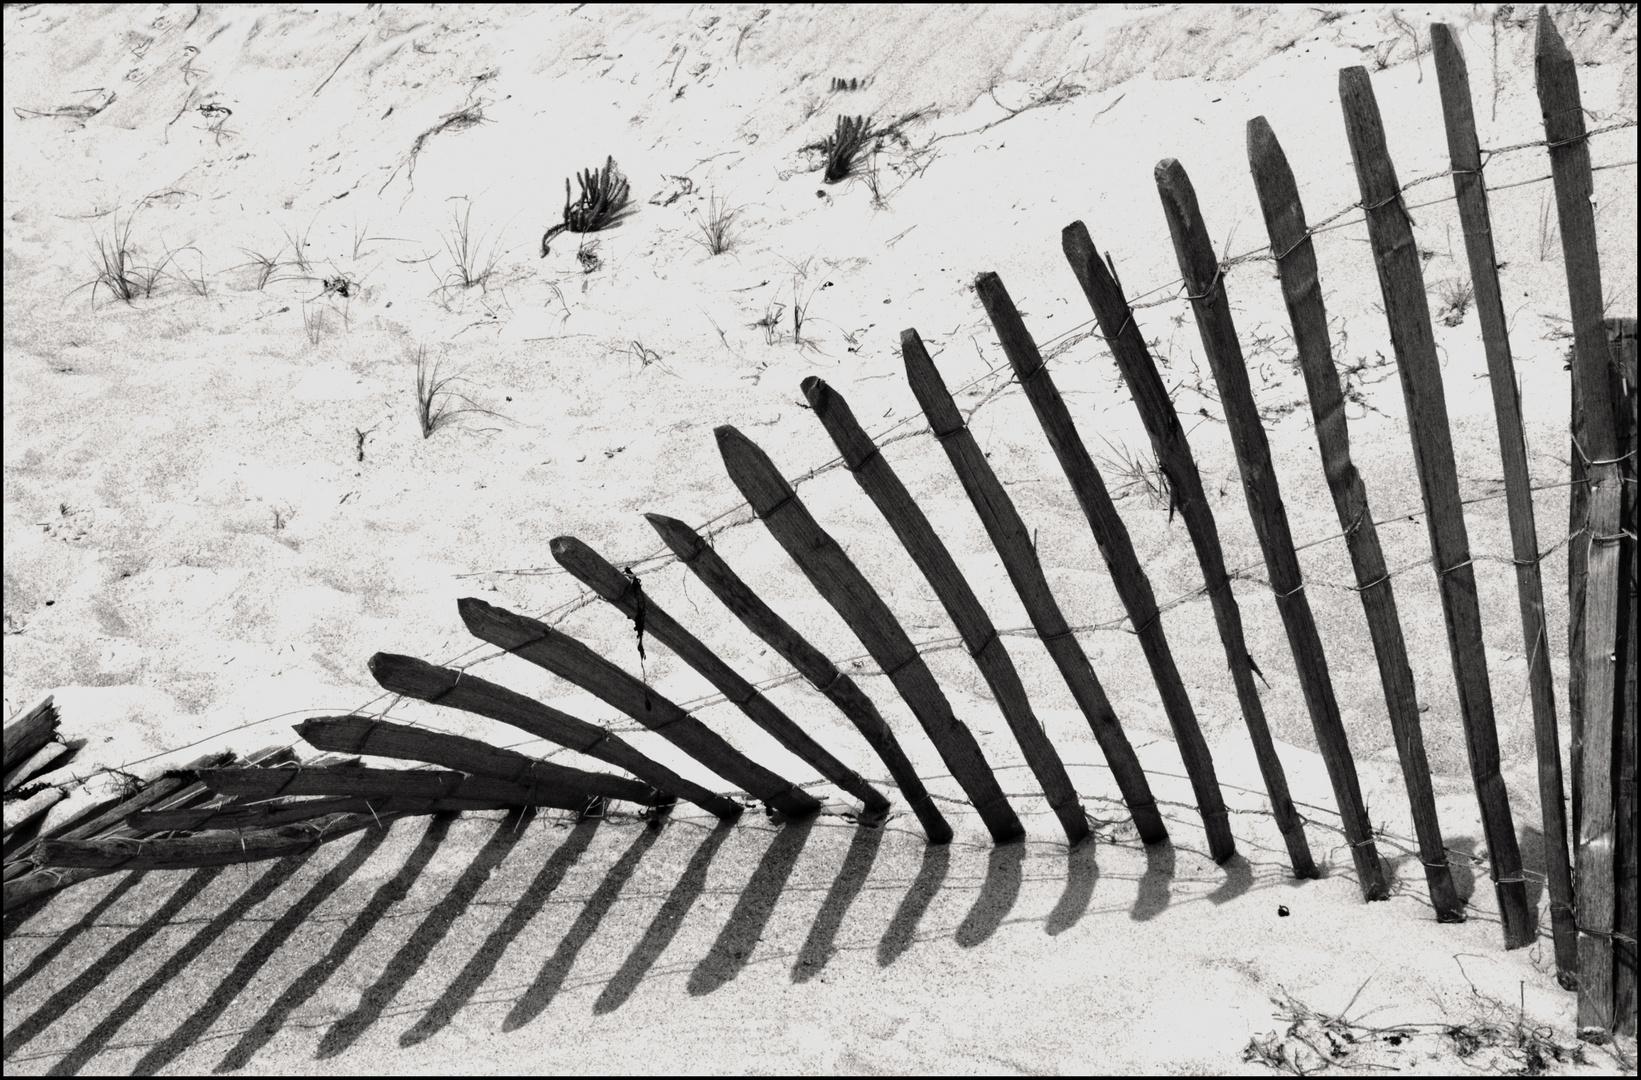 emprunter le chemin des dunes